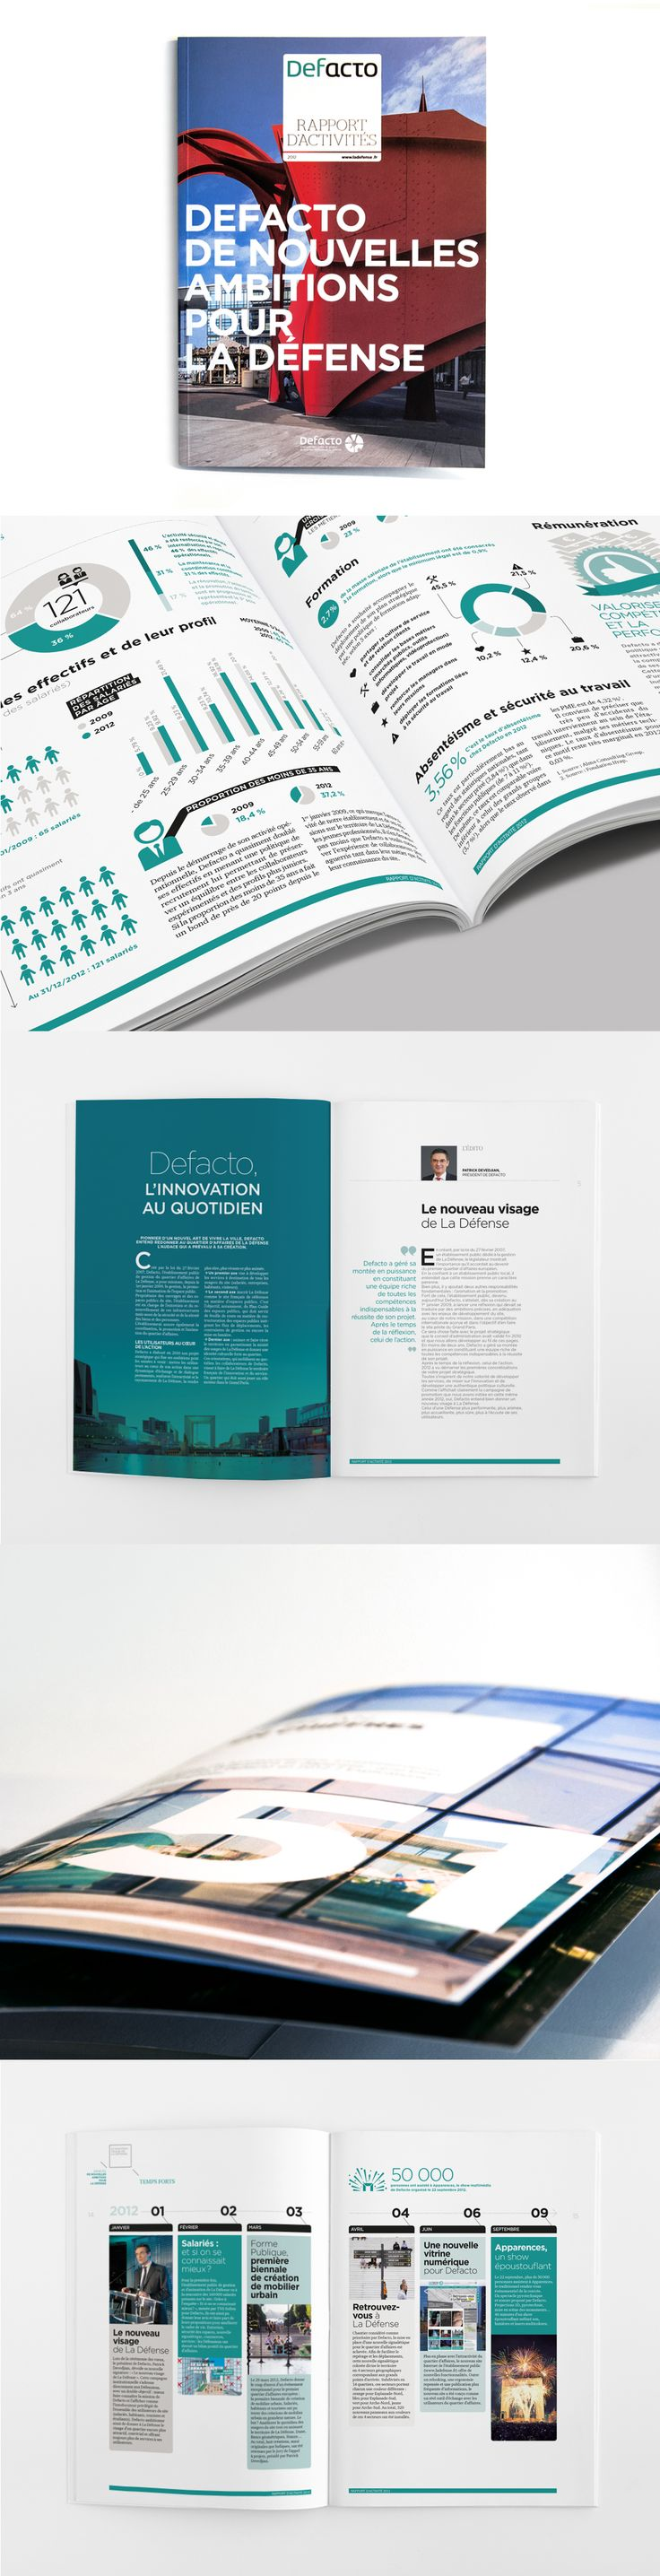 Rapport d'activité Defacto 2012 - Defacto, l'innovation au quotidien / Agence Citizen Press (Paris)